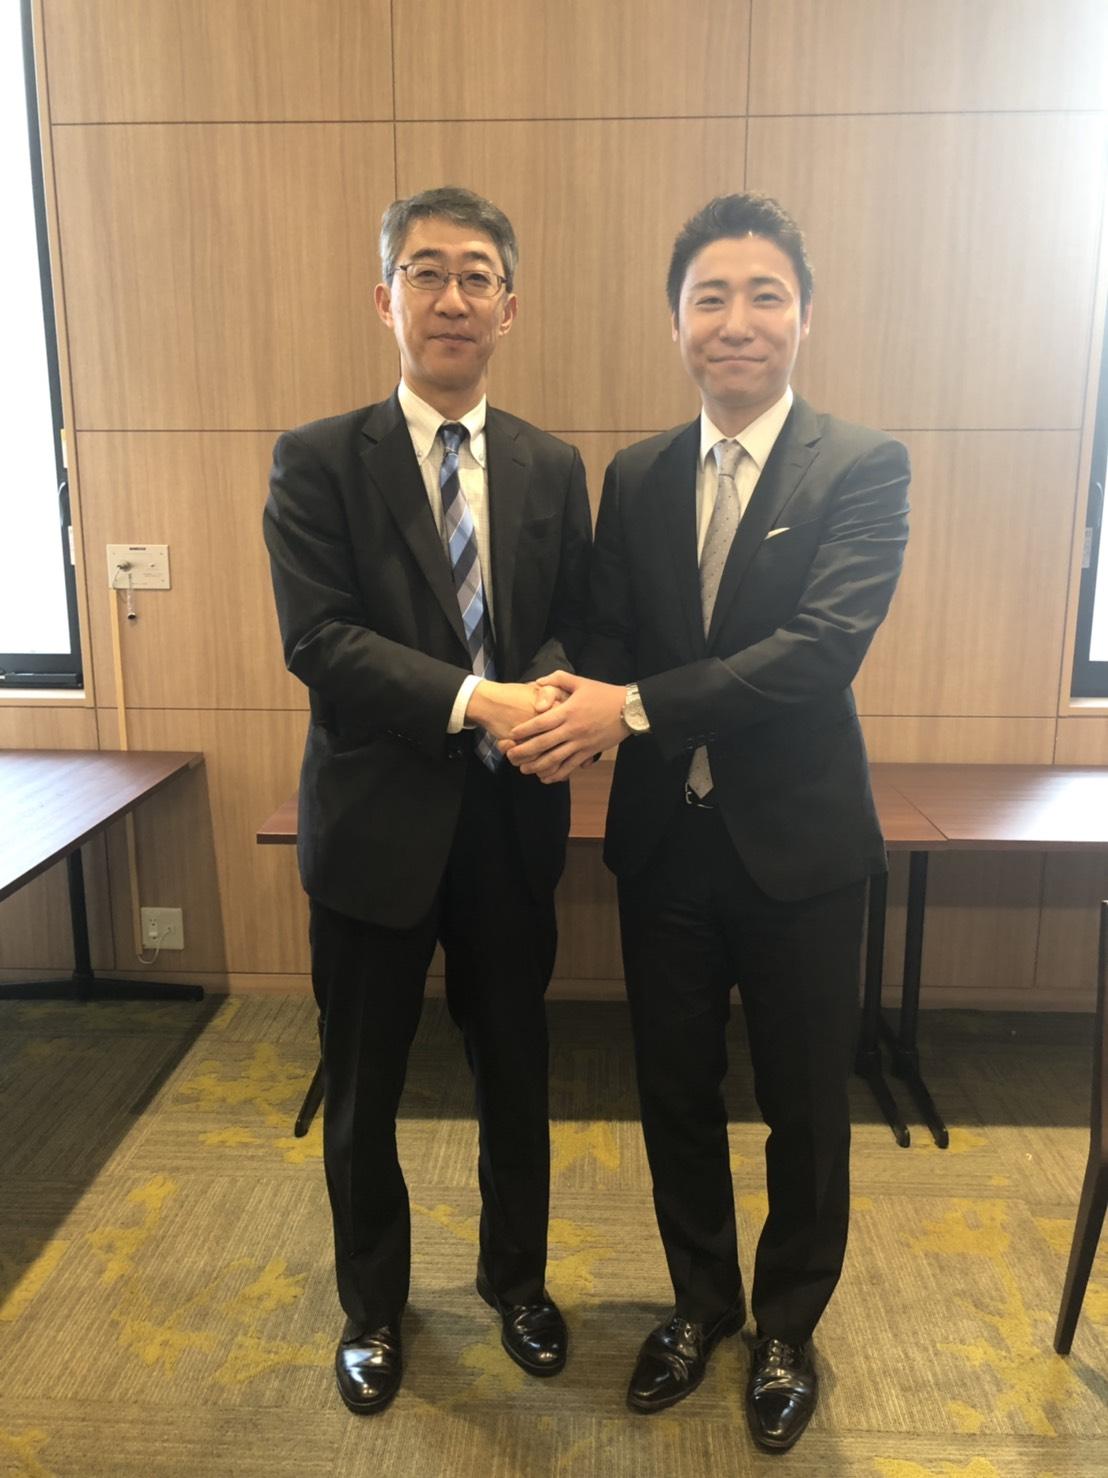 ロイヤルホールディングス株式会社 代表取締役会長 菊地 唯夫